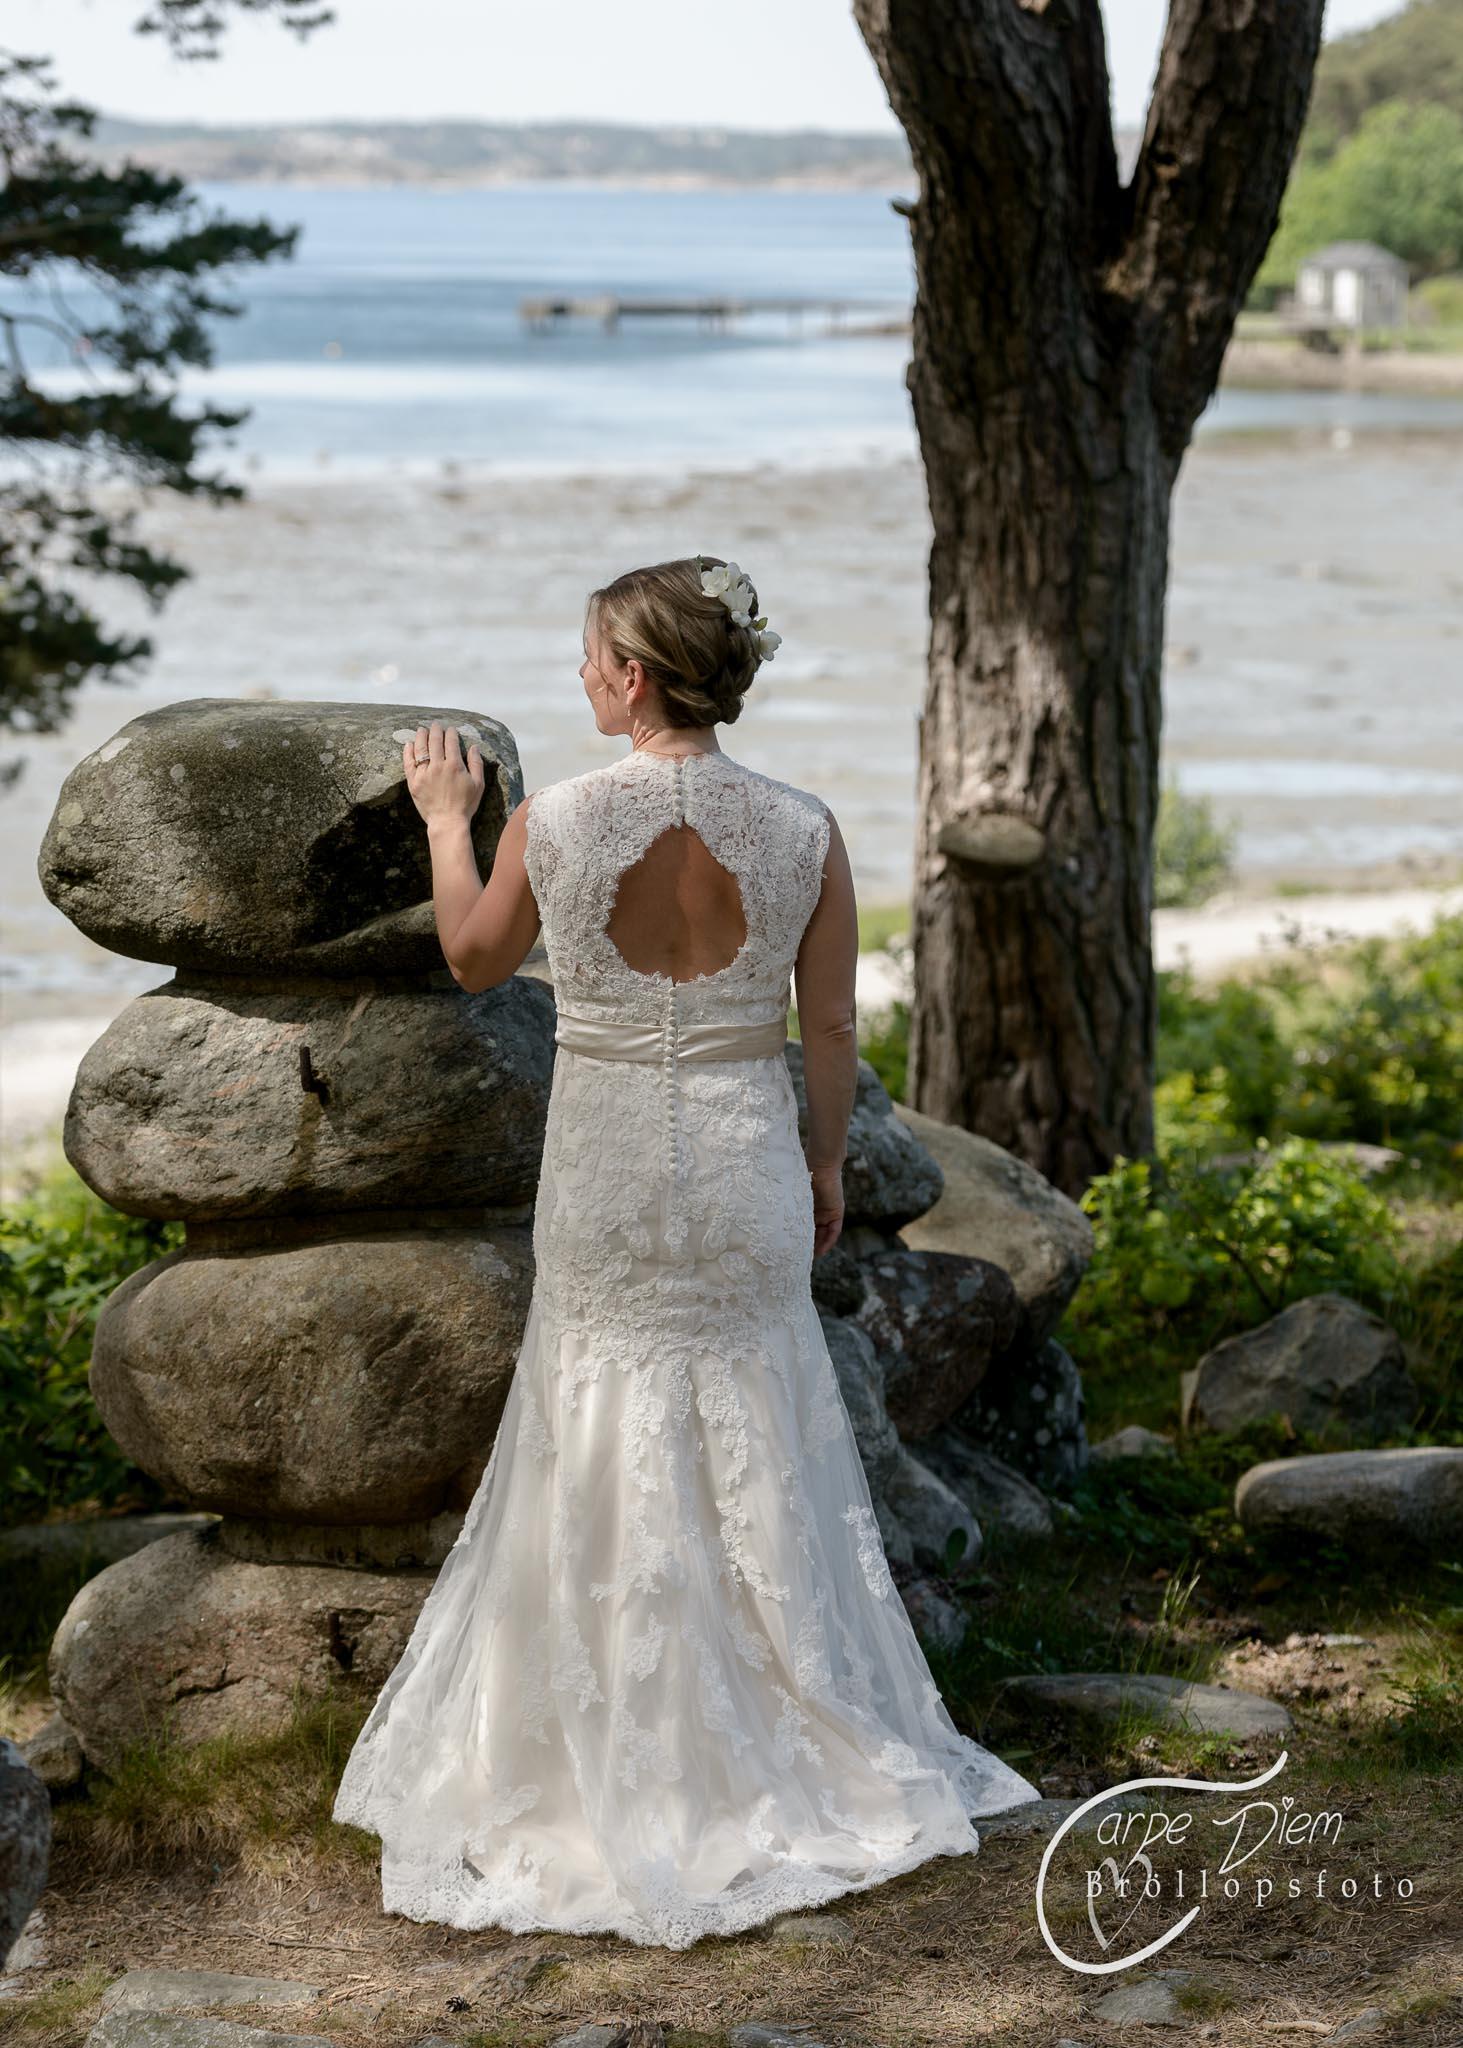 Bröllosfotograf, Fotograf, Stenungsund, Tjörn, Orust, Kungälv, Uddevalla, Göteborg, Barnfoto